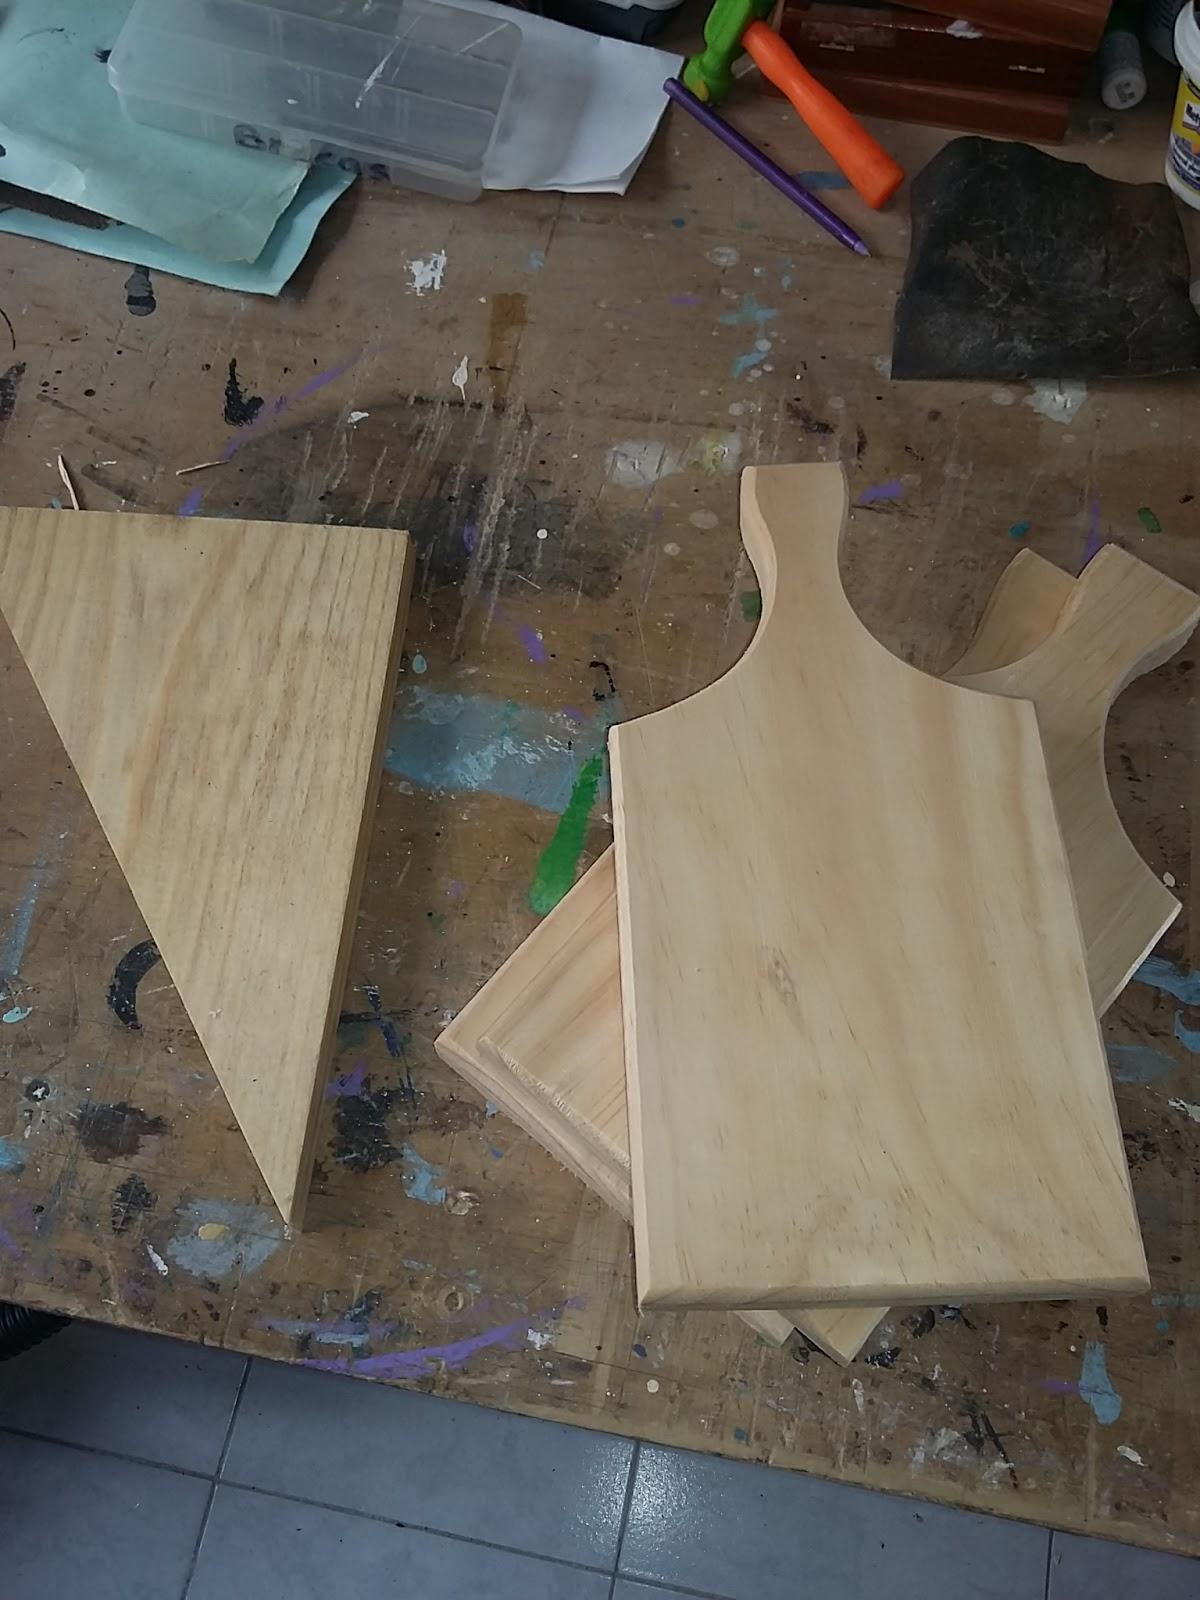 Hobby carpinter a proyecto de tabla para picar a atril for Como hacer una tabla para picar de madera